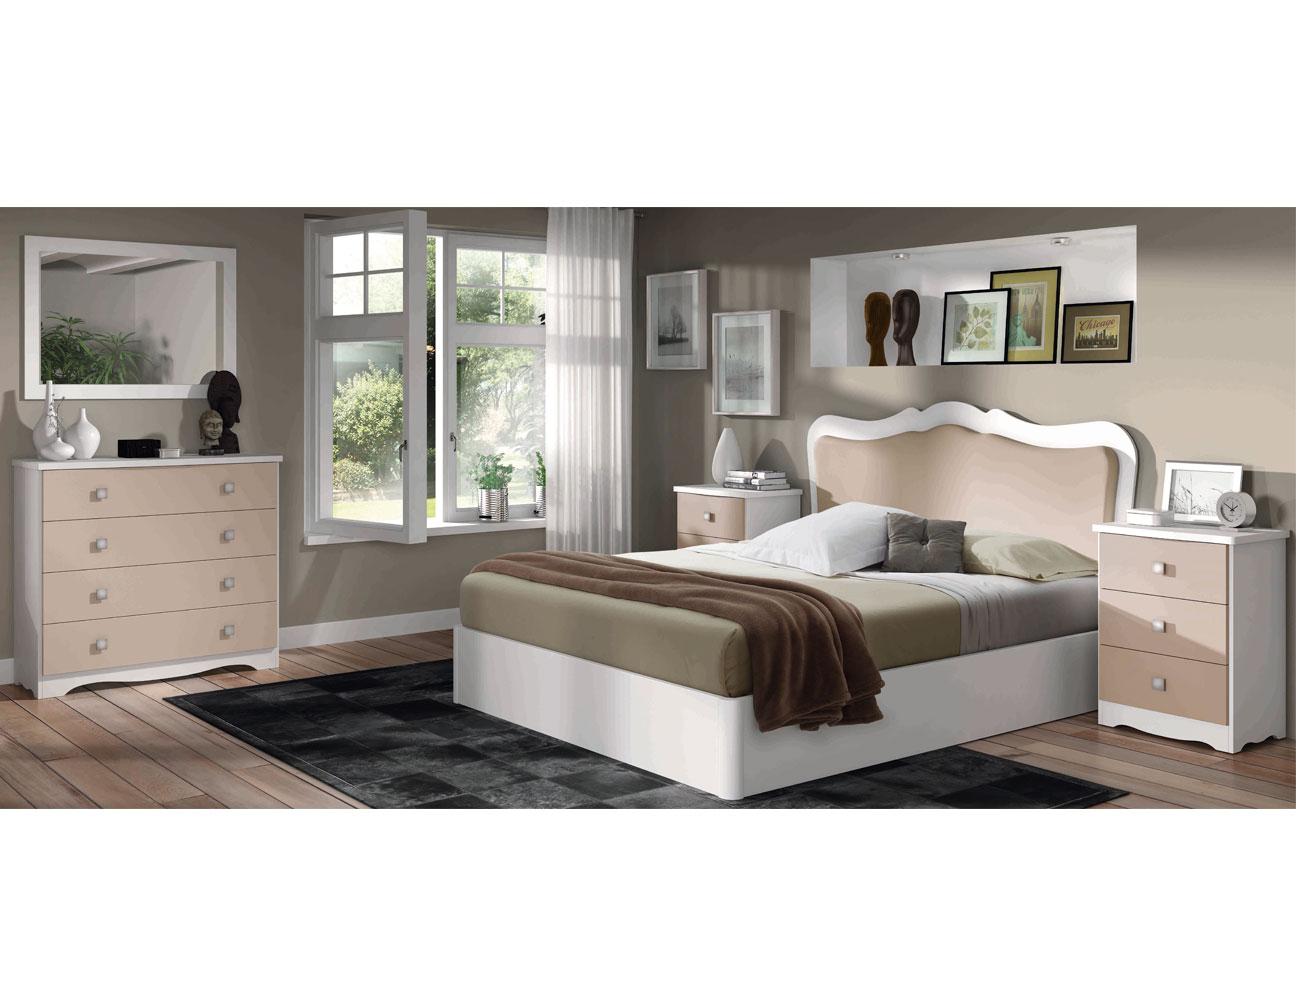 21 dormitorio matrimonio clasico blanco capuchino